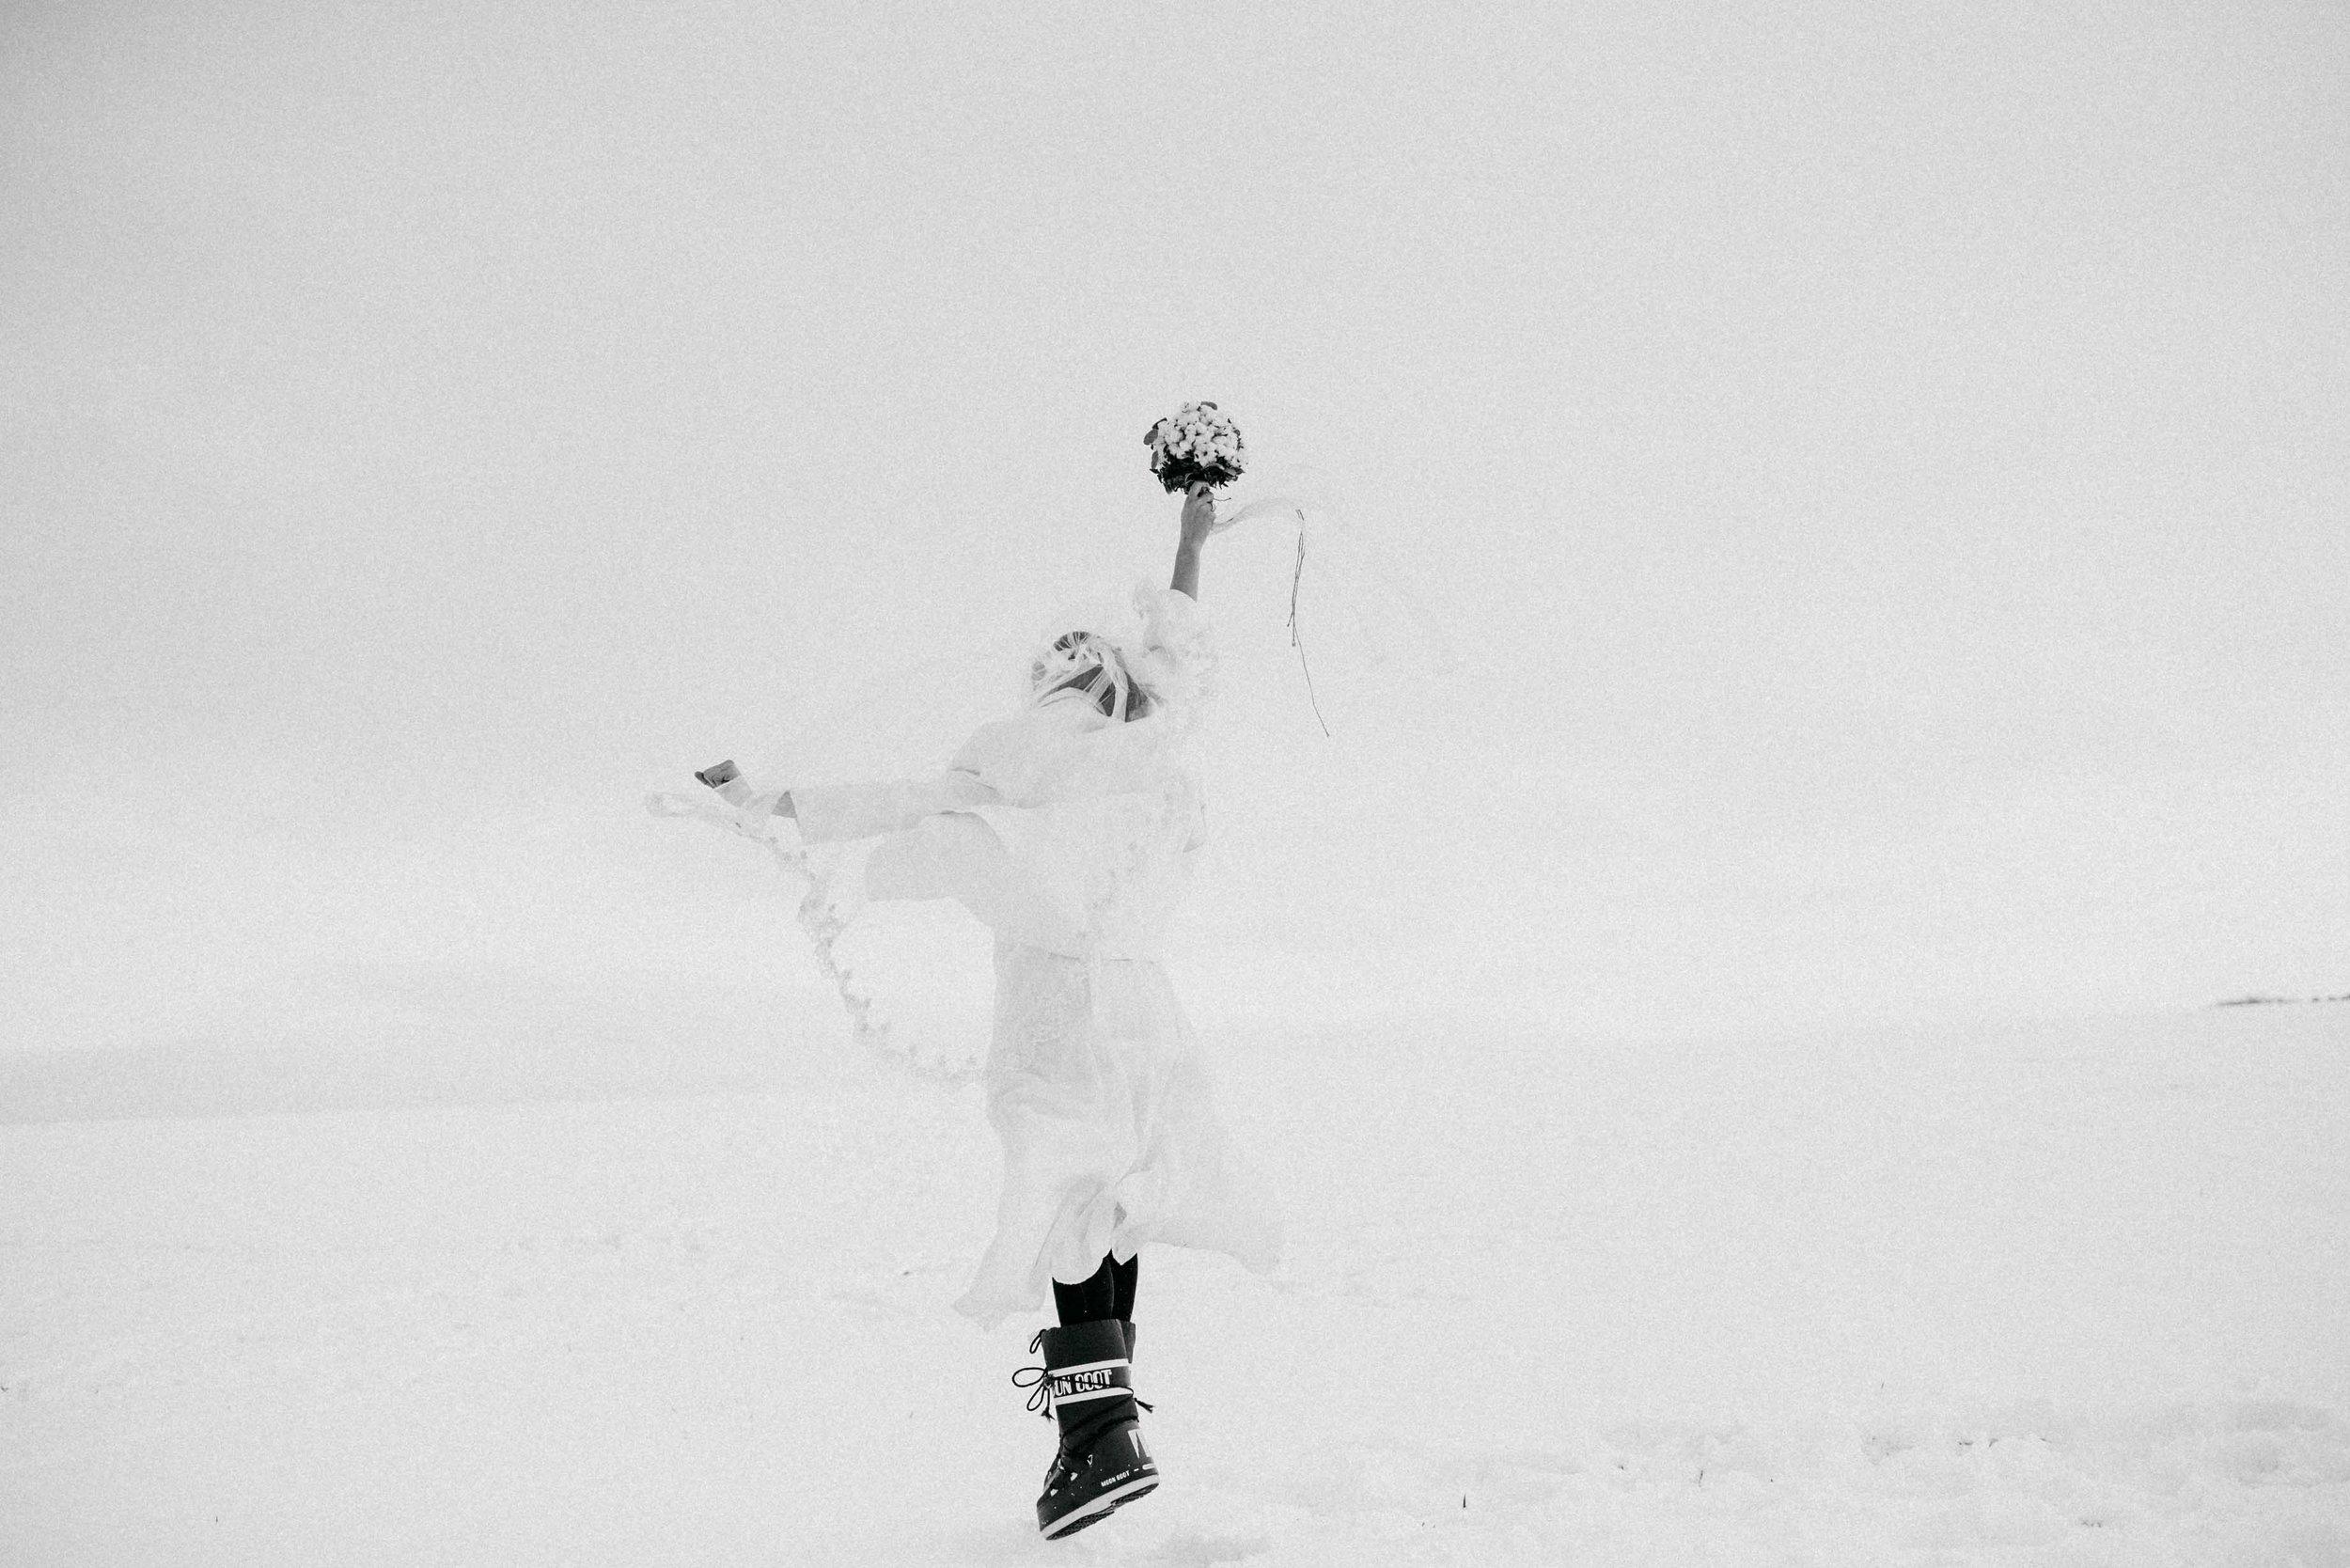 Snow Bride Winterhochzeit Schnne Braut-2928.jpg